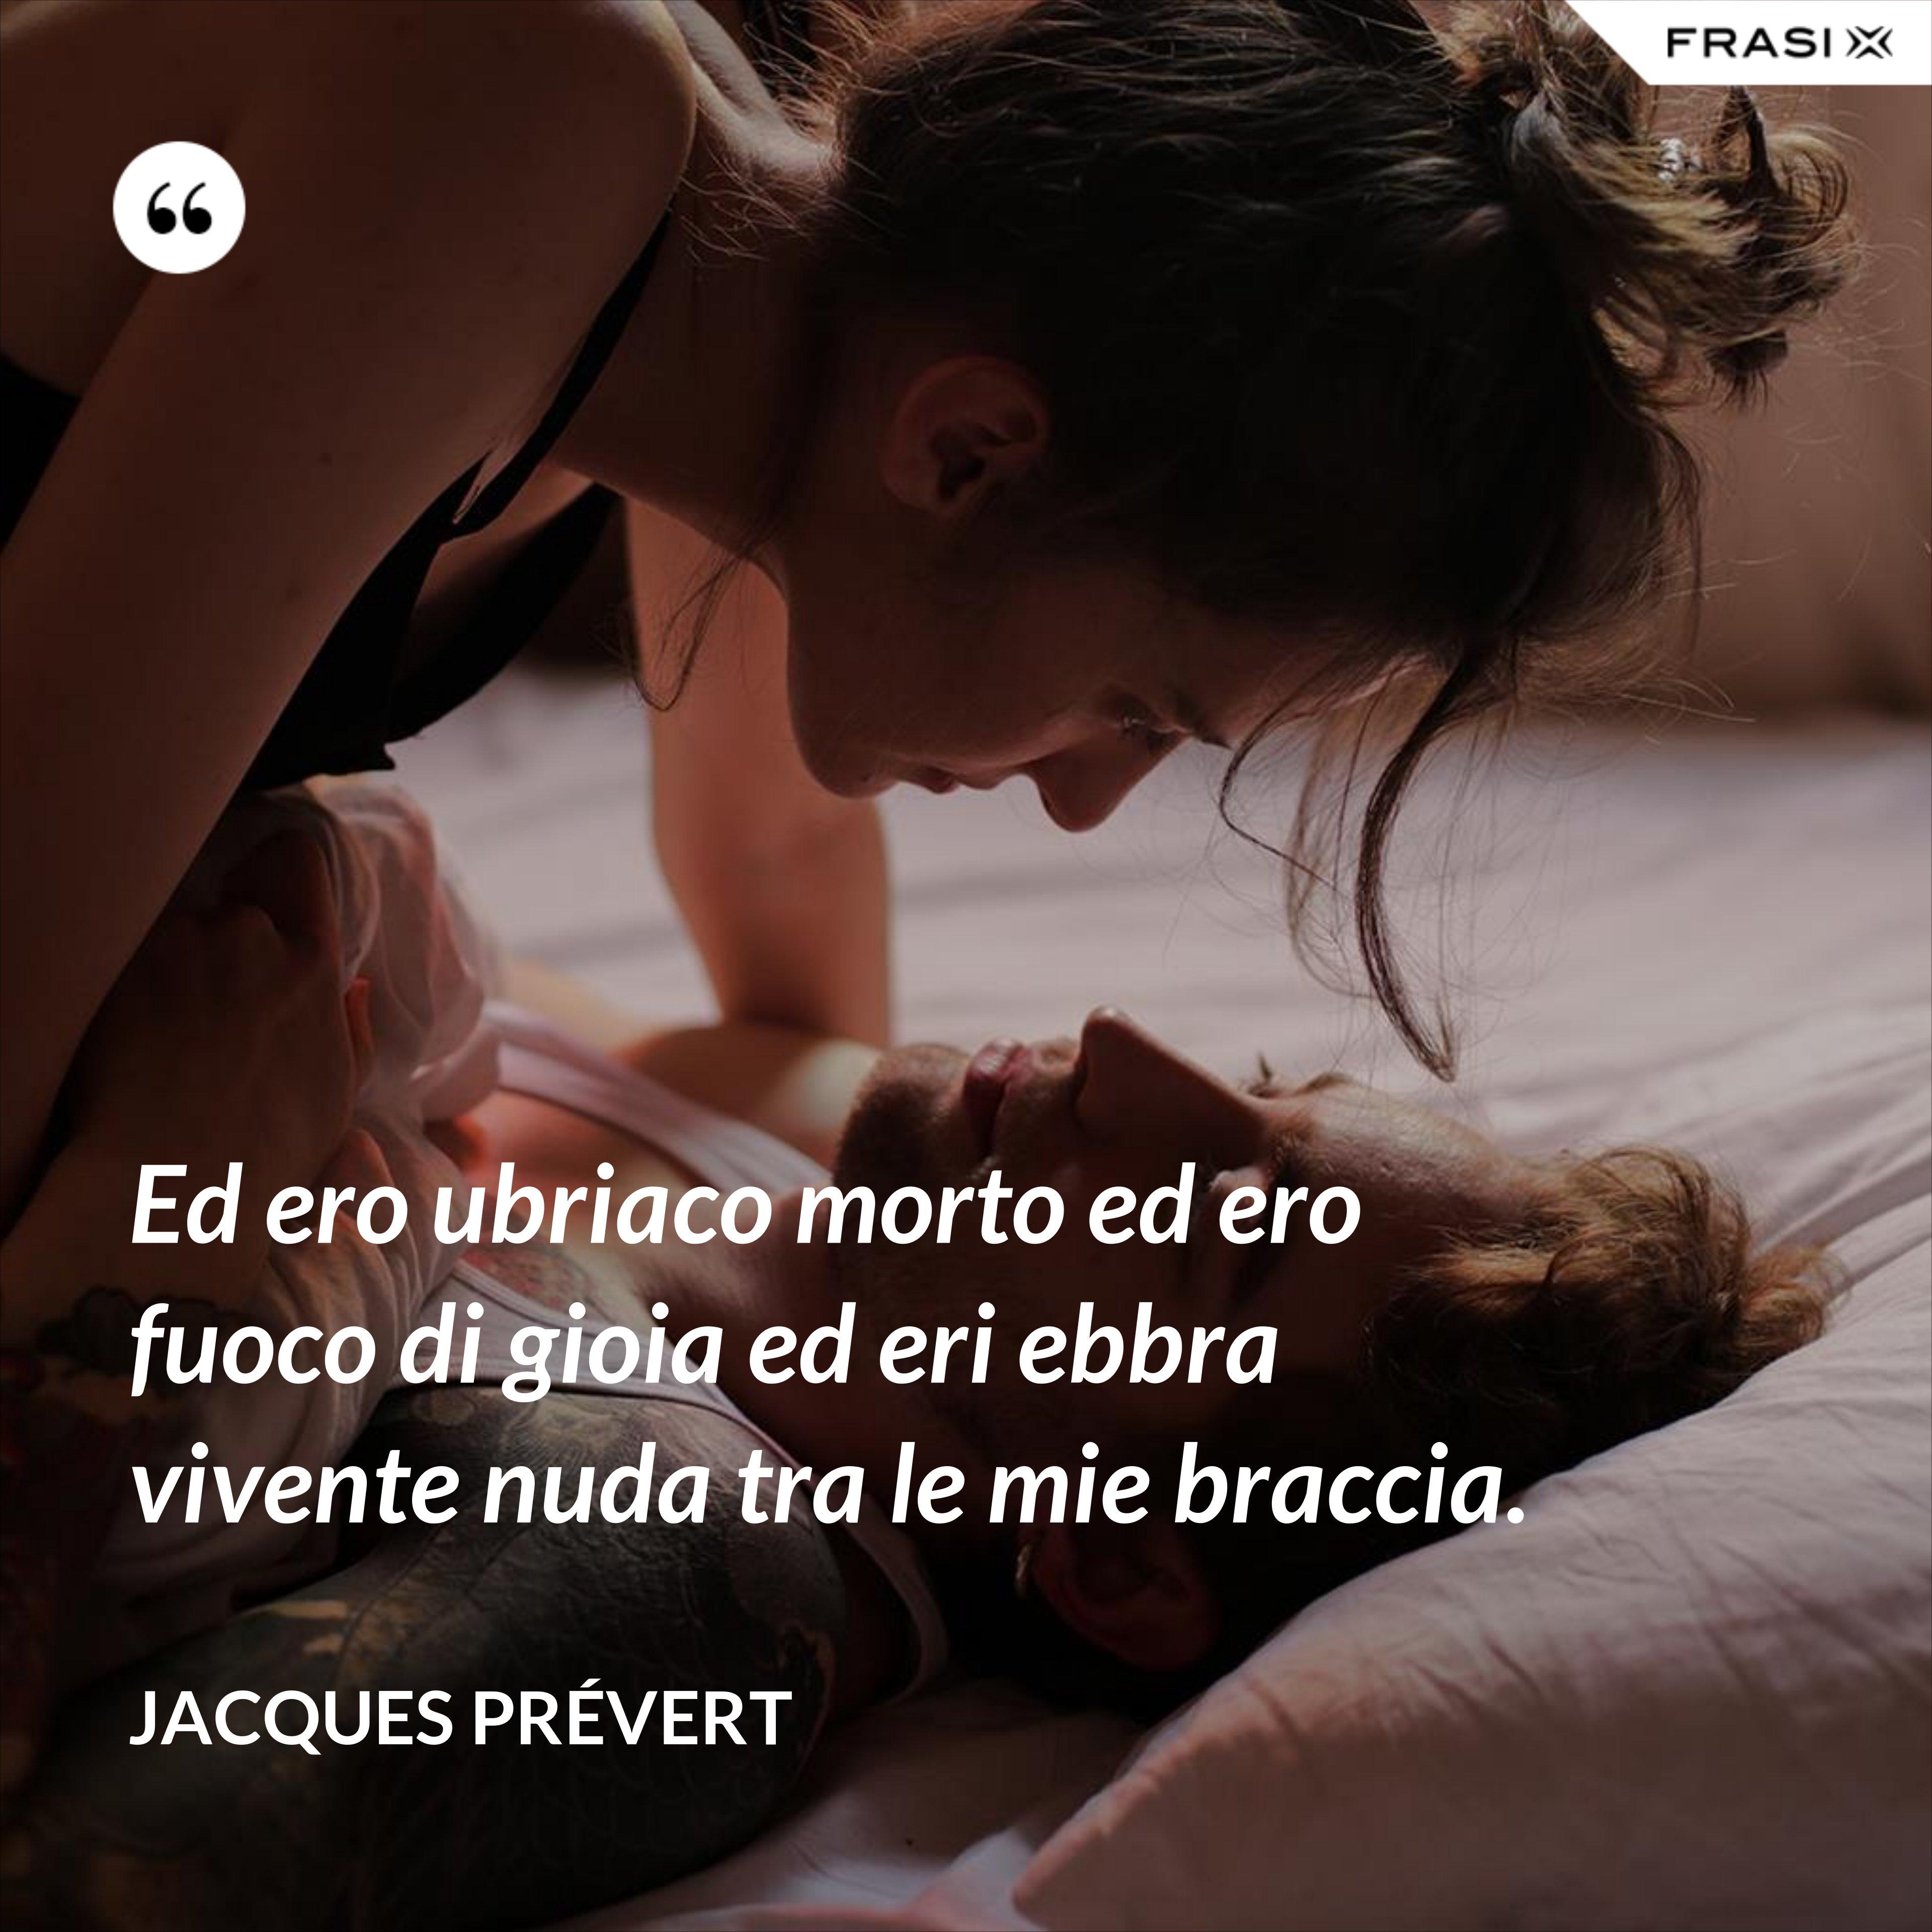 Ed ero ubriaco morto ed ero fuoco di gioia ed eri ebbra vivente nuda tra le mie braccia. - Jacques Prévert